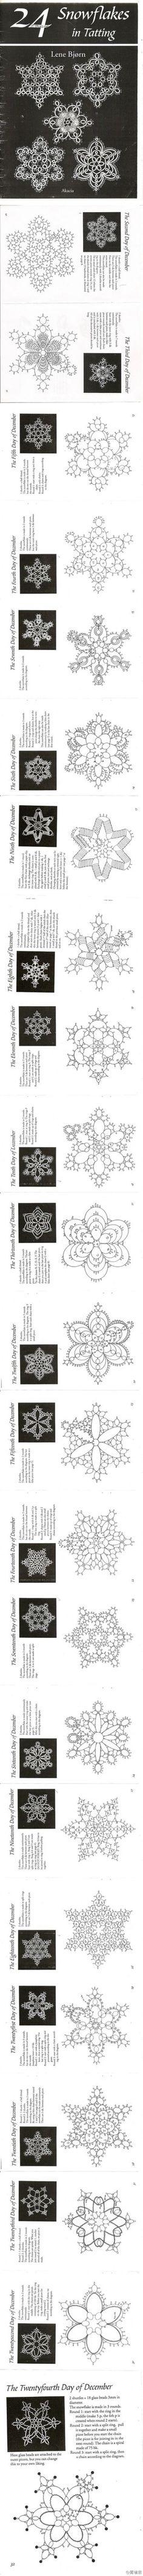 #24 snowflakes in tatting# 24种梭编雪花。(只发图的感觉好清爽=。= - 堆糖 发现生活_收集美好_分享图片